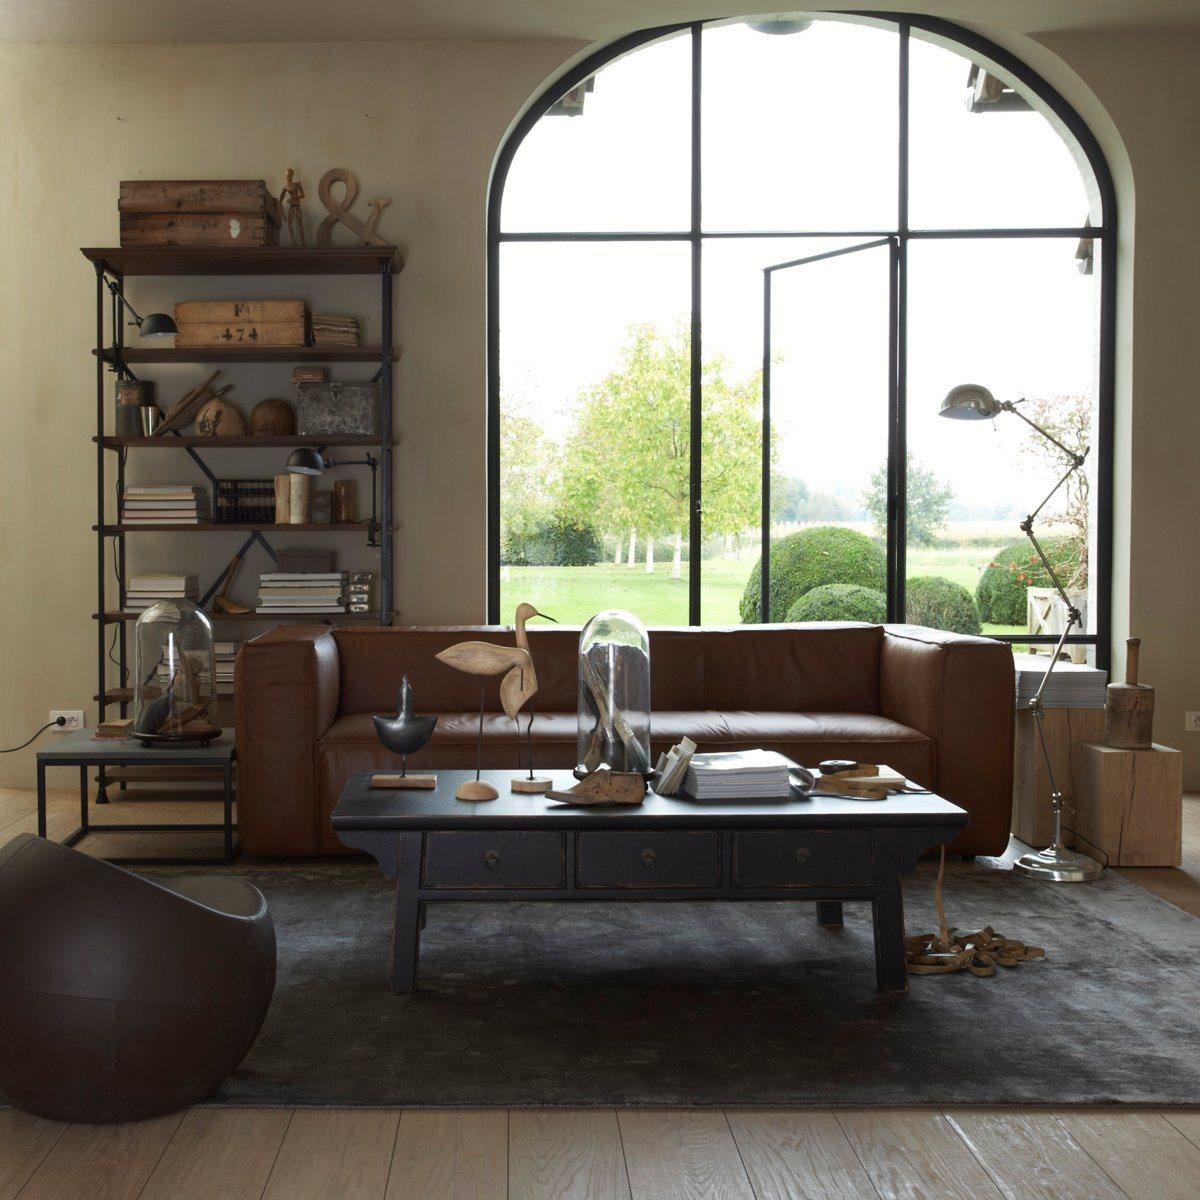 deco industrielle salon ampm avec canap et table basse dekobook. Black Bedroom Furniture Sets. Home Design Ideas